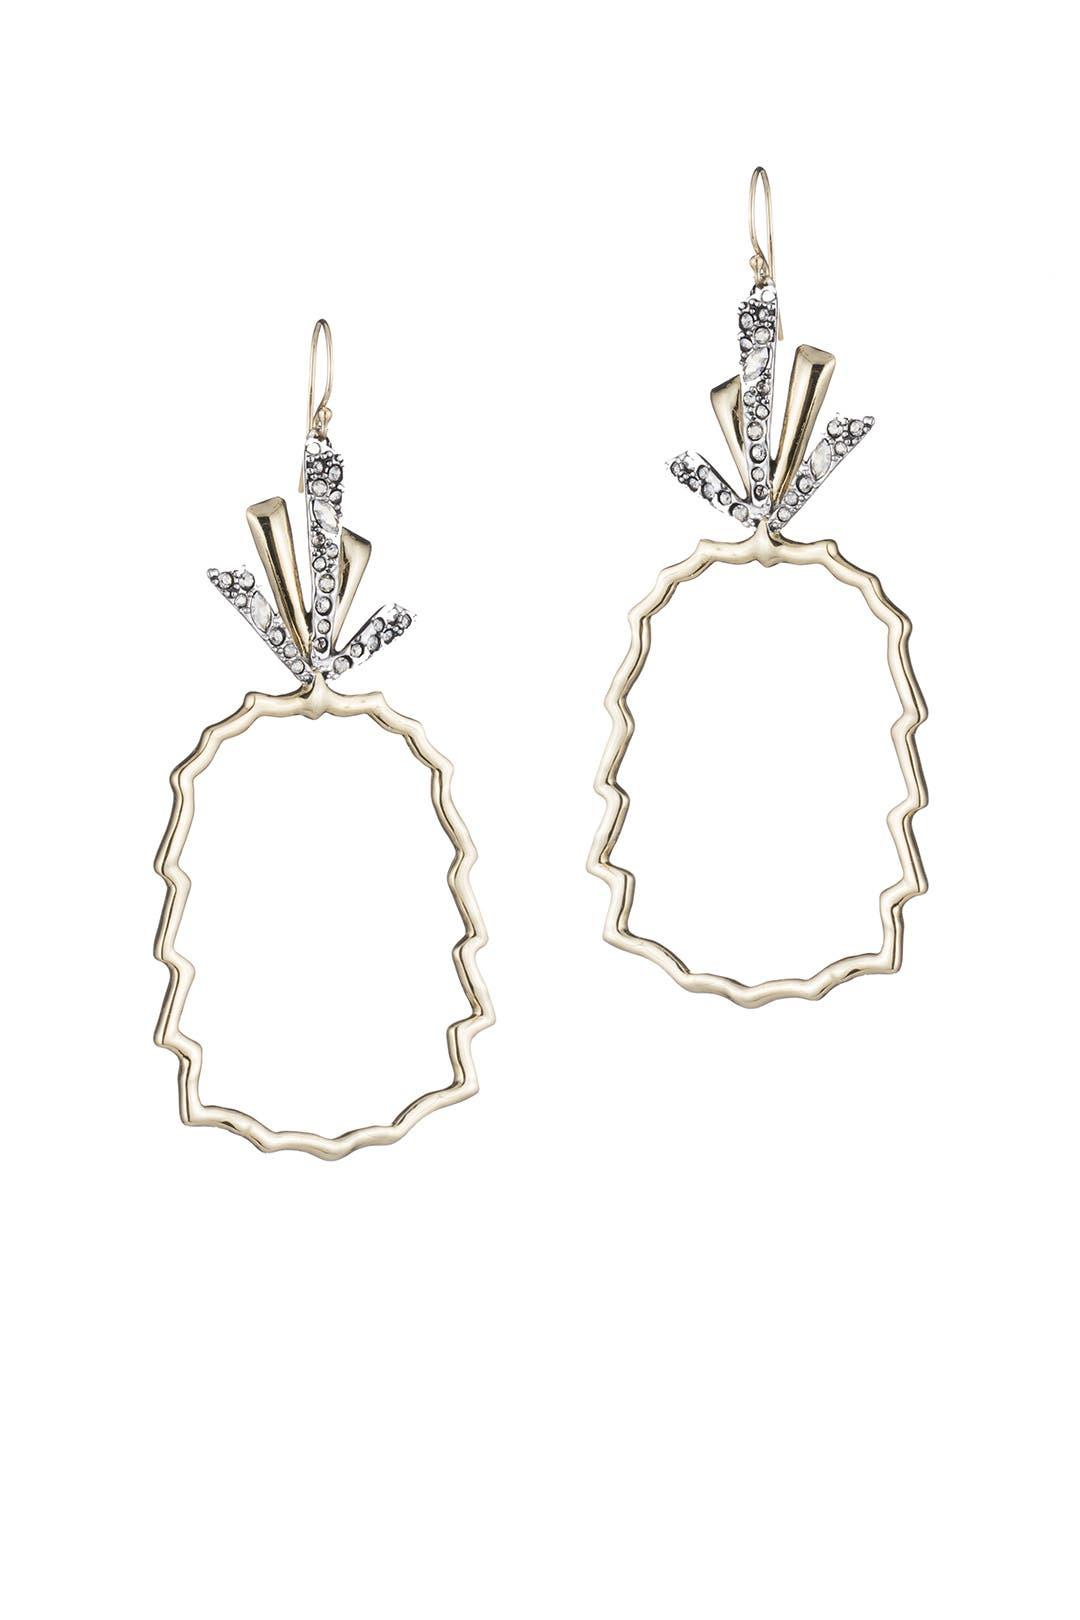 Alexis Bittar Pineapple Wire Drop Earrings gCxWvOJ1Pv